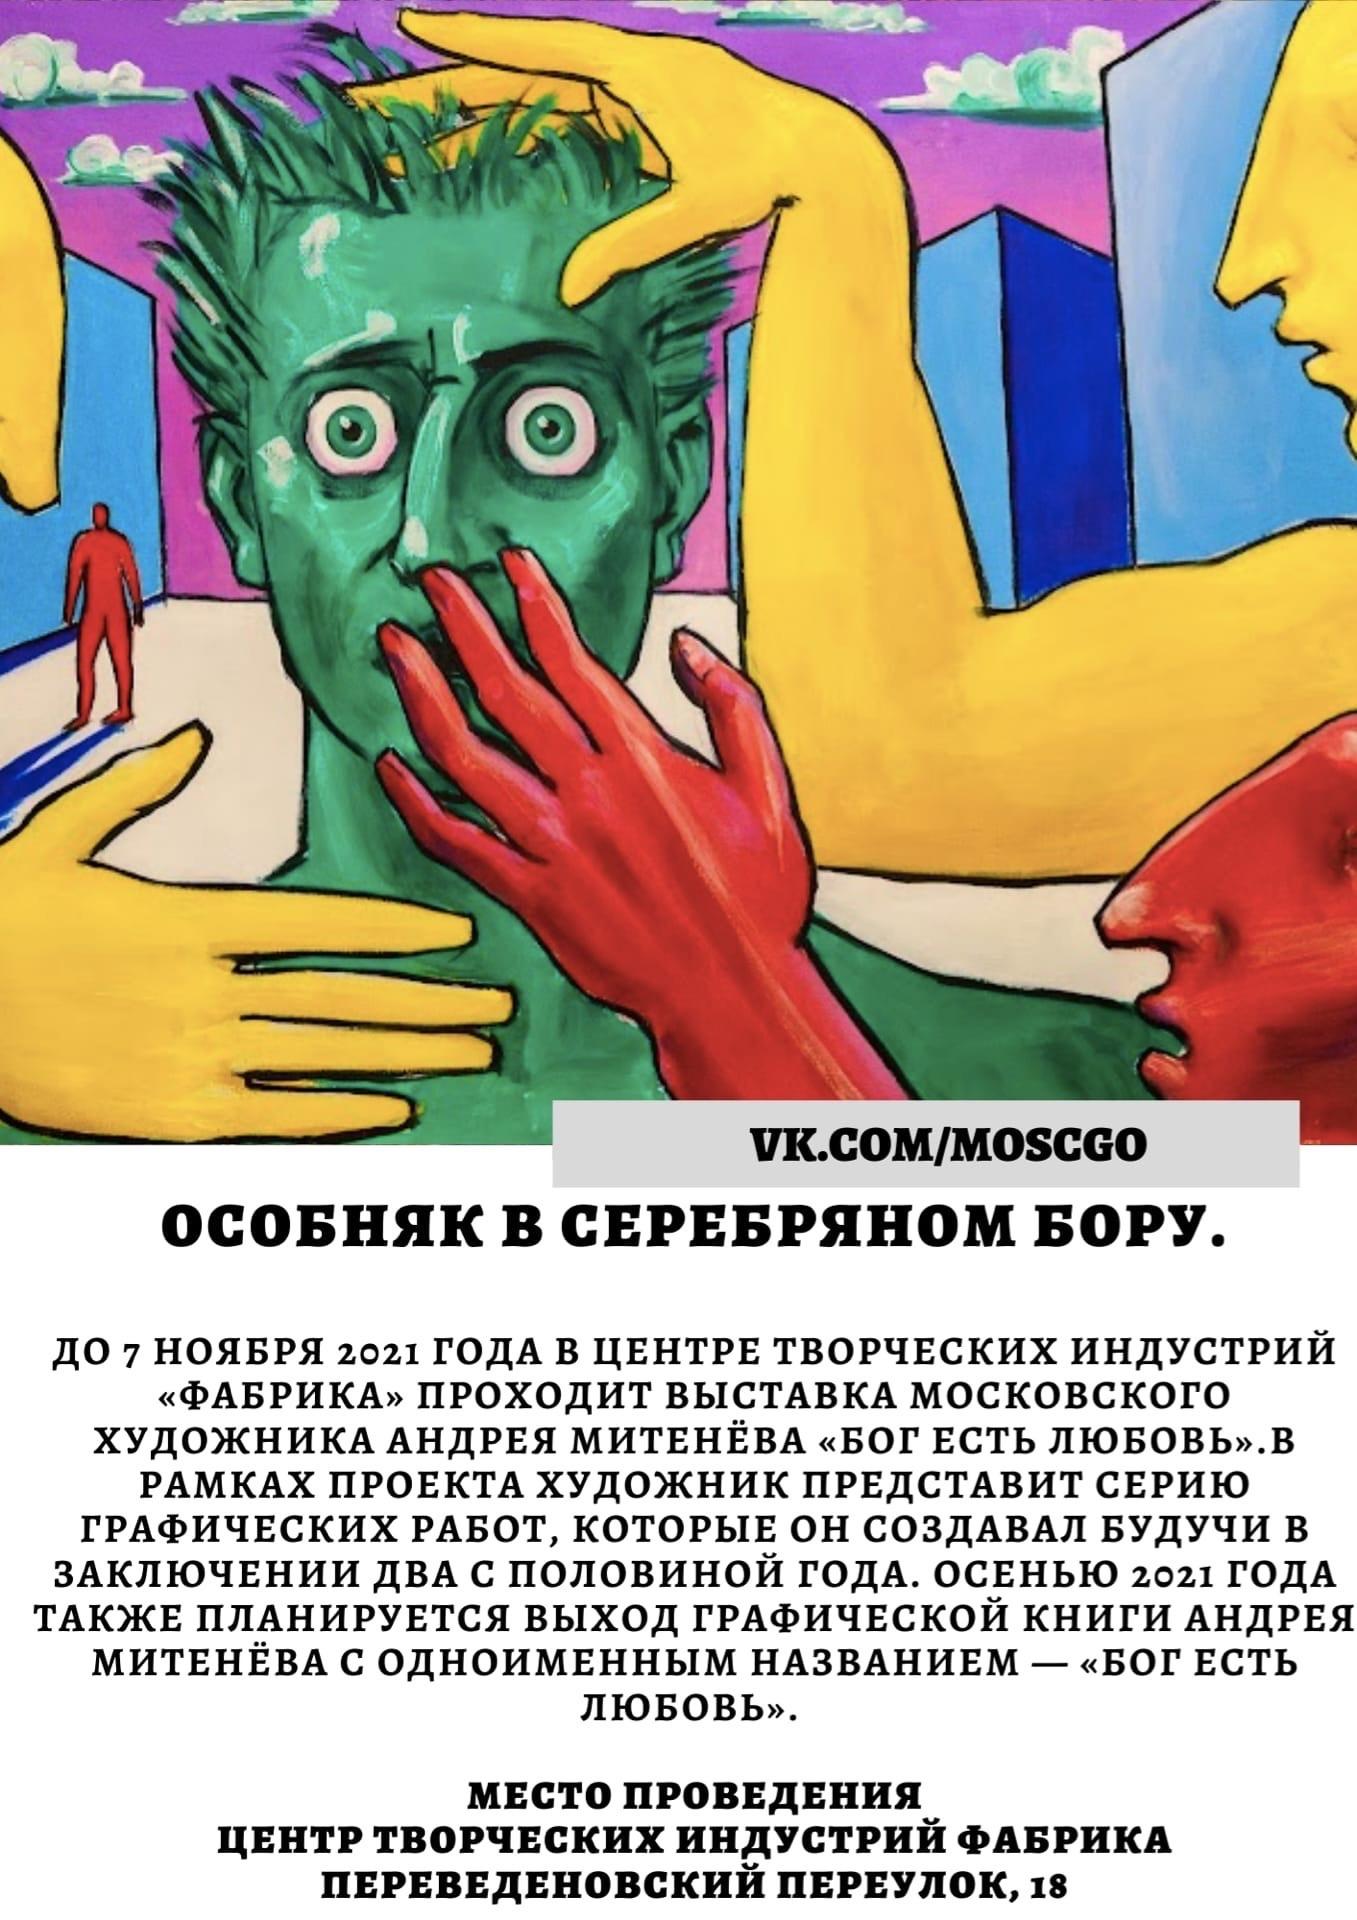 Пост Москвича номер #257933